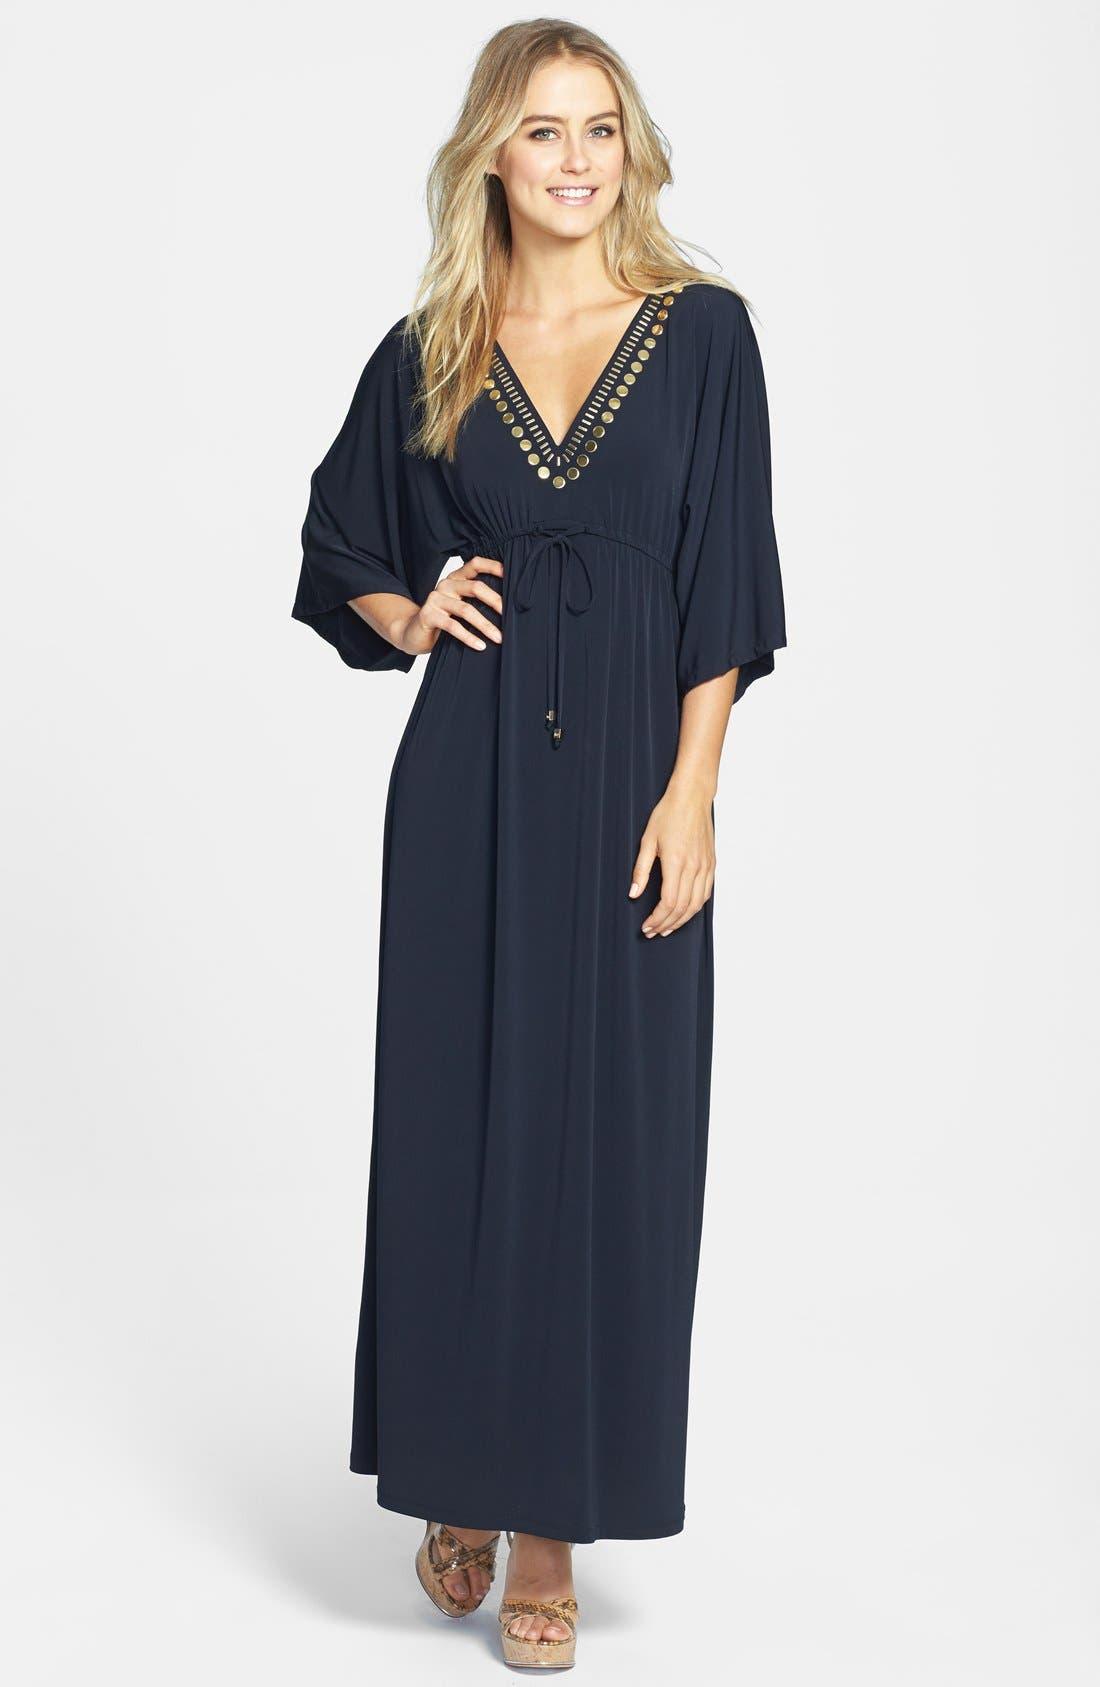 Alternate Image 1 Selected - MICHAEL Michael Kors Embellished V-Neck Maxi Dress